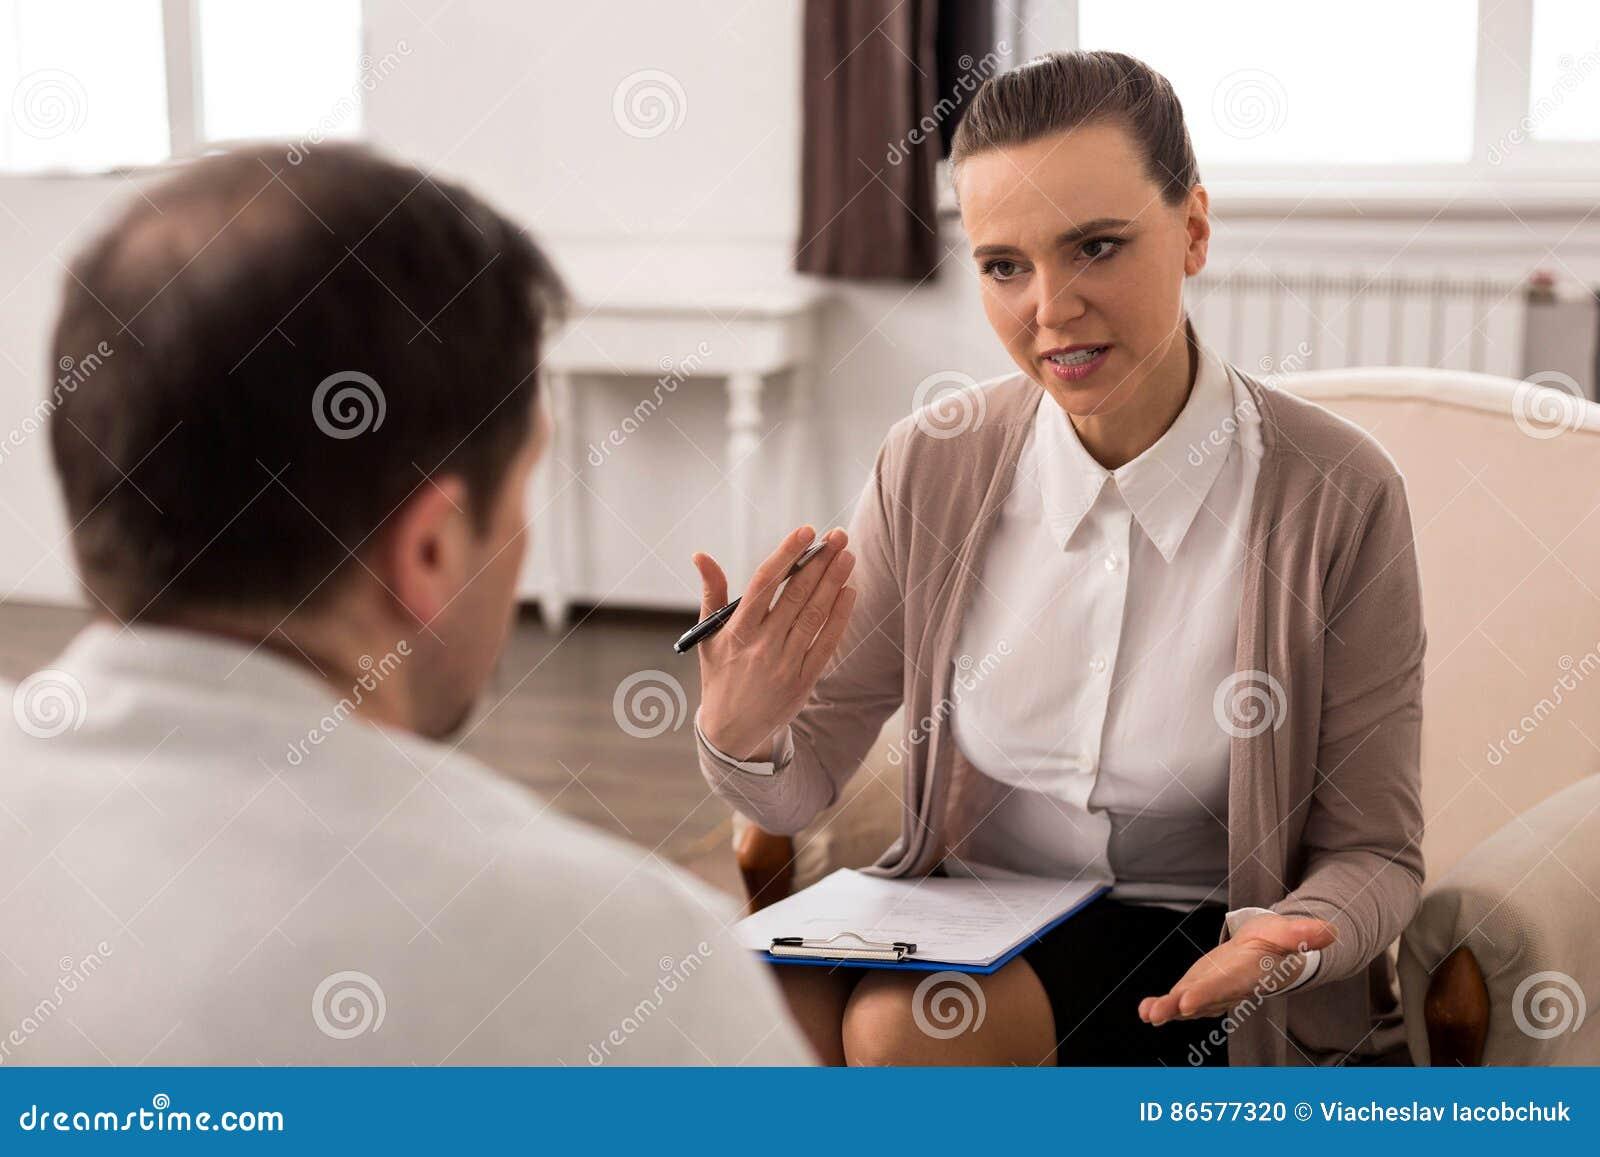 Положительный профессиональный терапевт давая совет